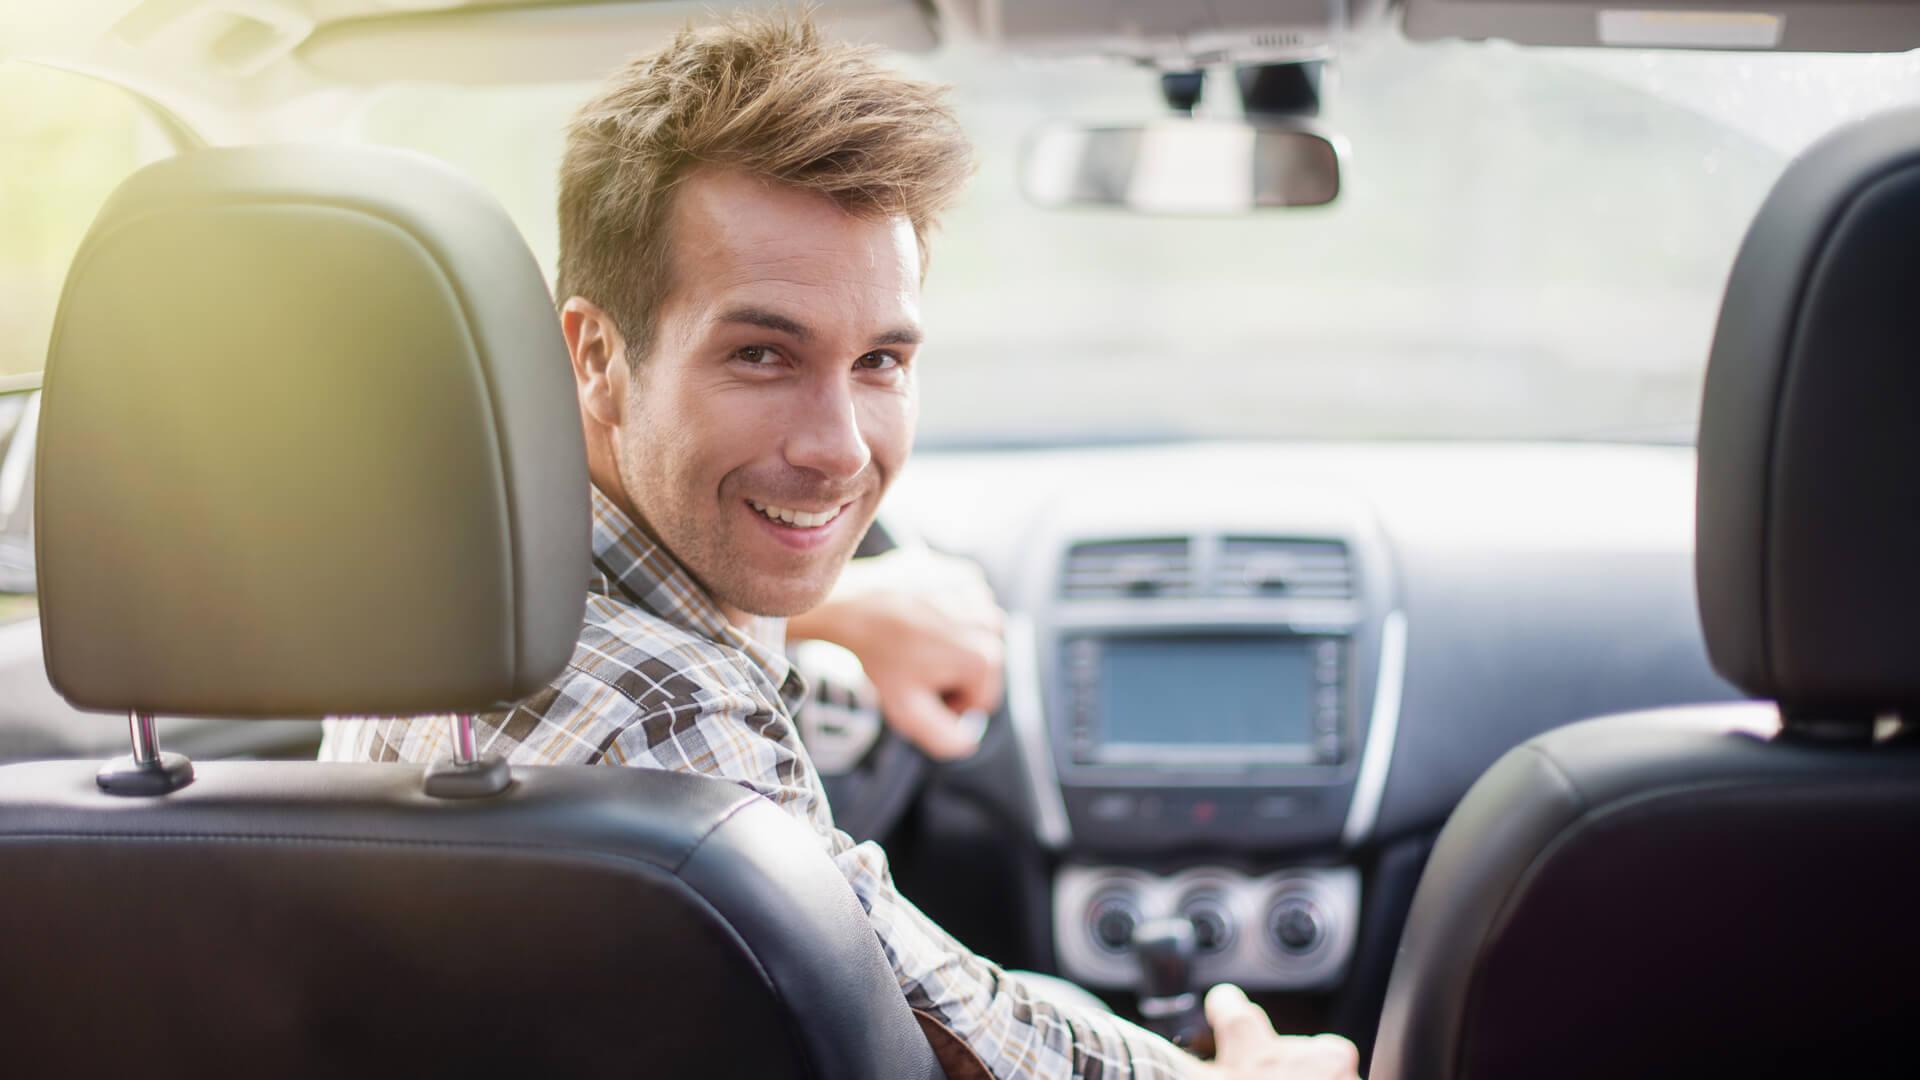 Giới thiệu nơi cho thuê xe giá rẻ, uy tín, chất lượng tại TP.HCM